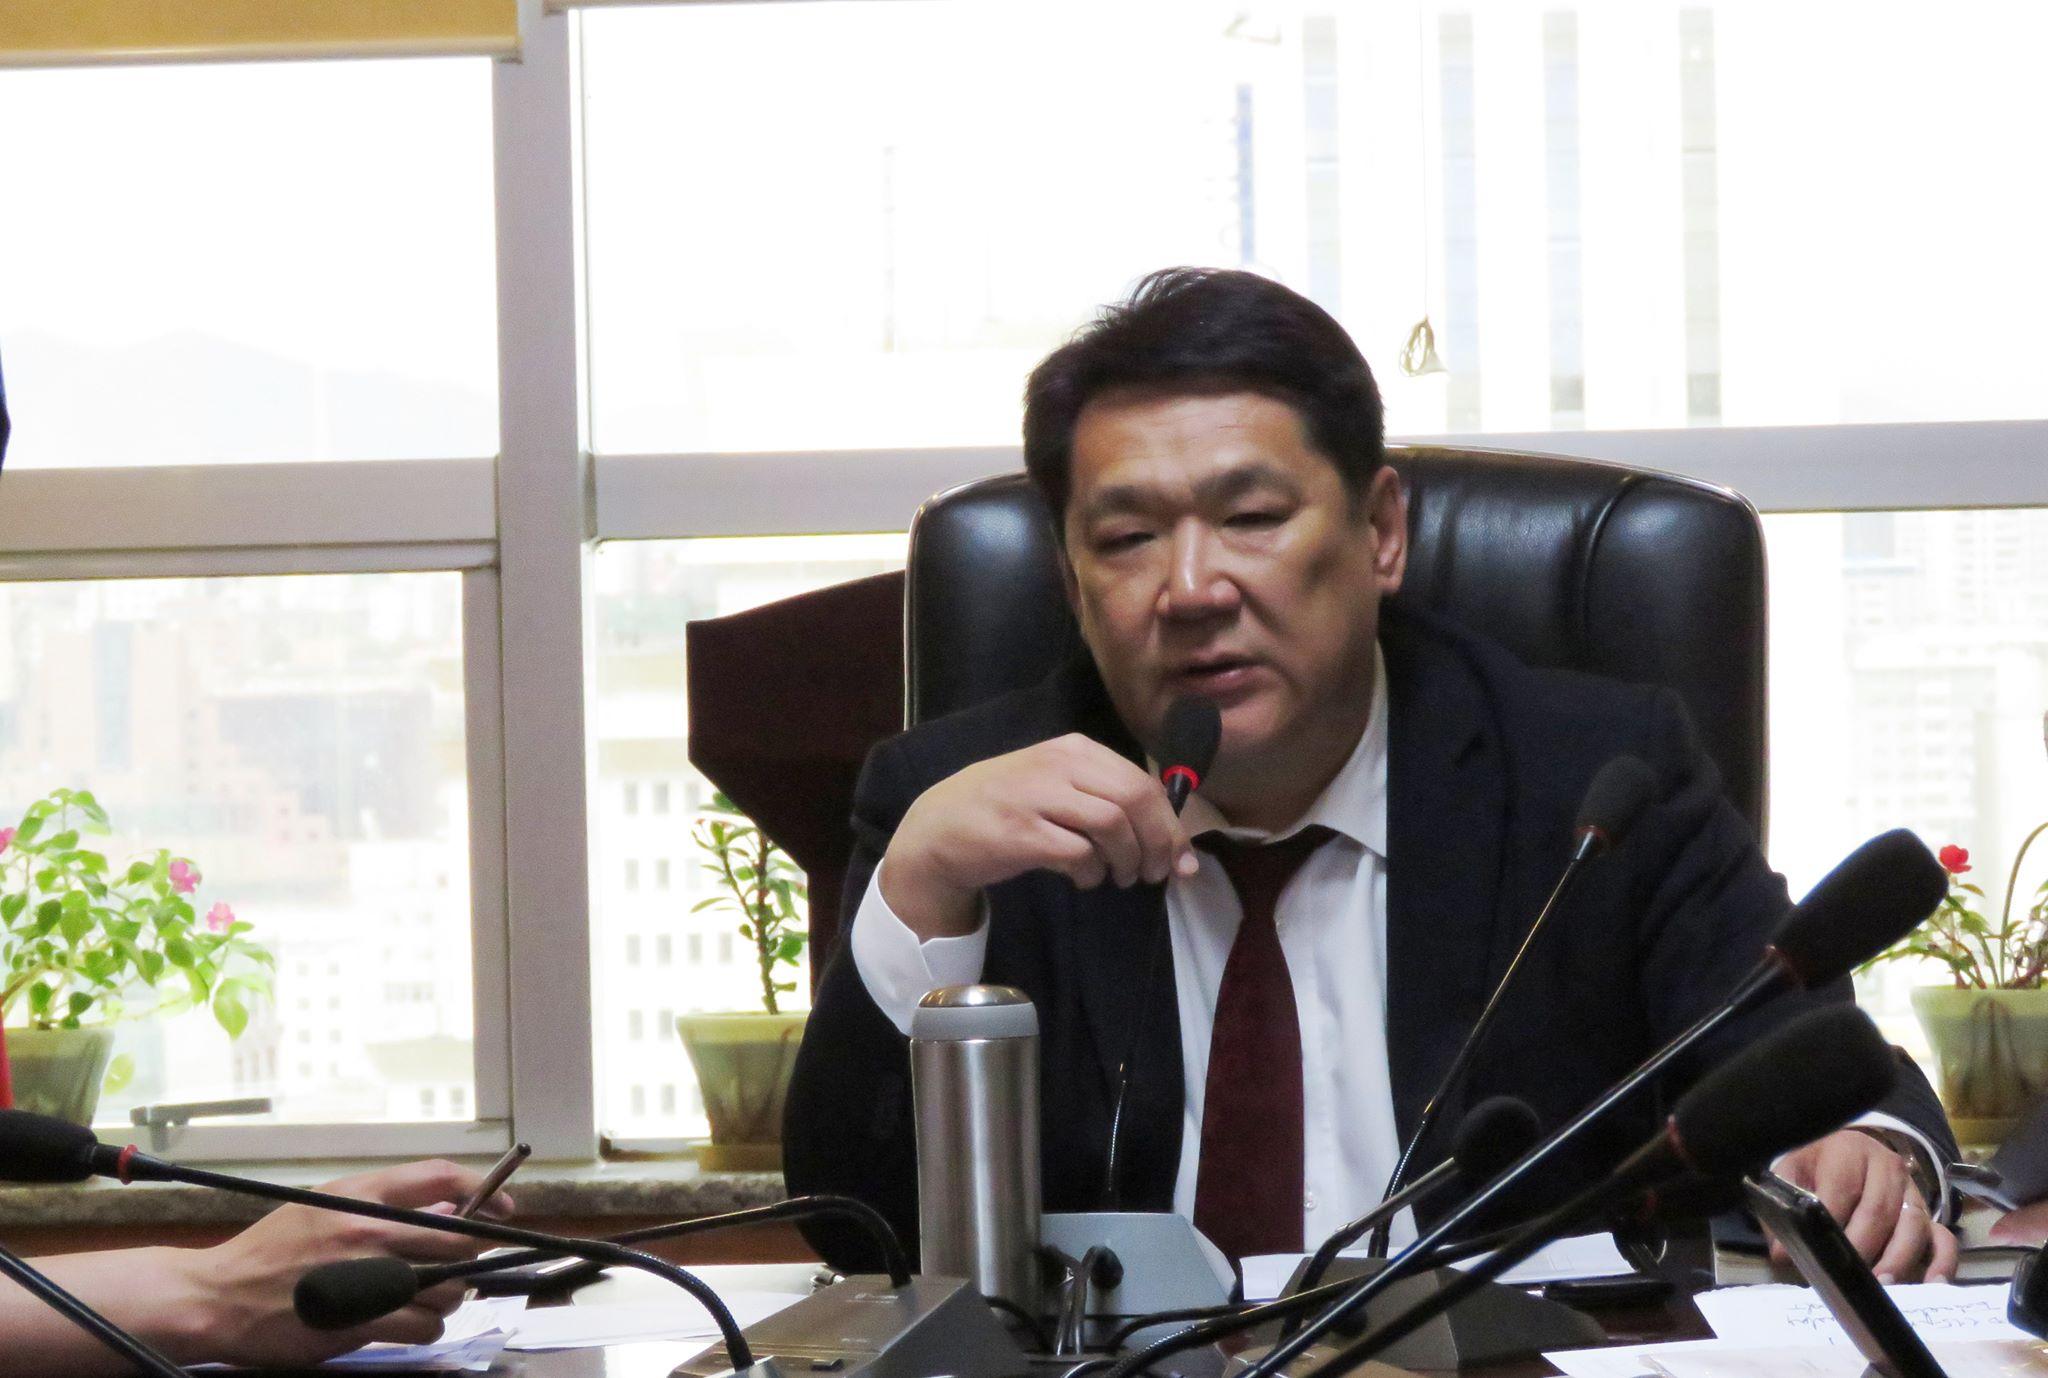 """""""Элэг бүтэн Монгол"""" хөтөлбөр, сүрьеэгийн эрт илрүүлгийг эрчимжүүлнэ"""